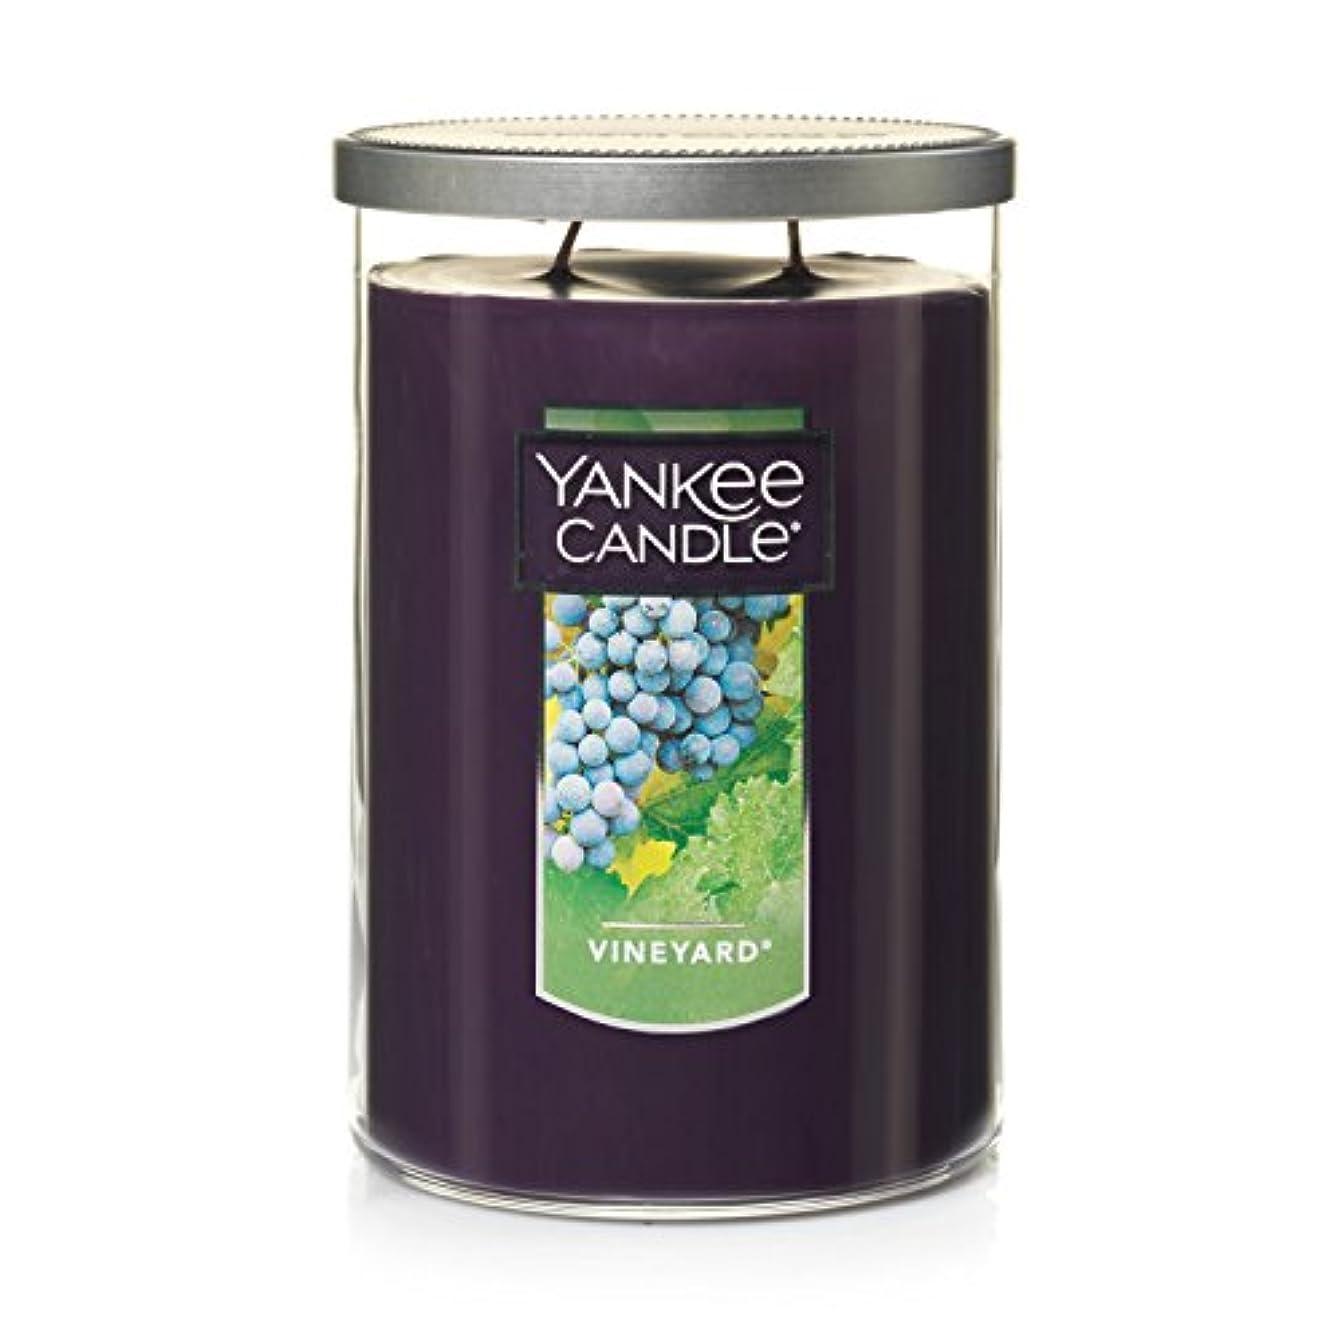 法令ジェームズダイソンしてはいけませんYankee Candle Vineyard、フルーツ香り Large Tumbler Candles パープル 1184177Z